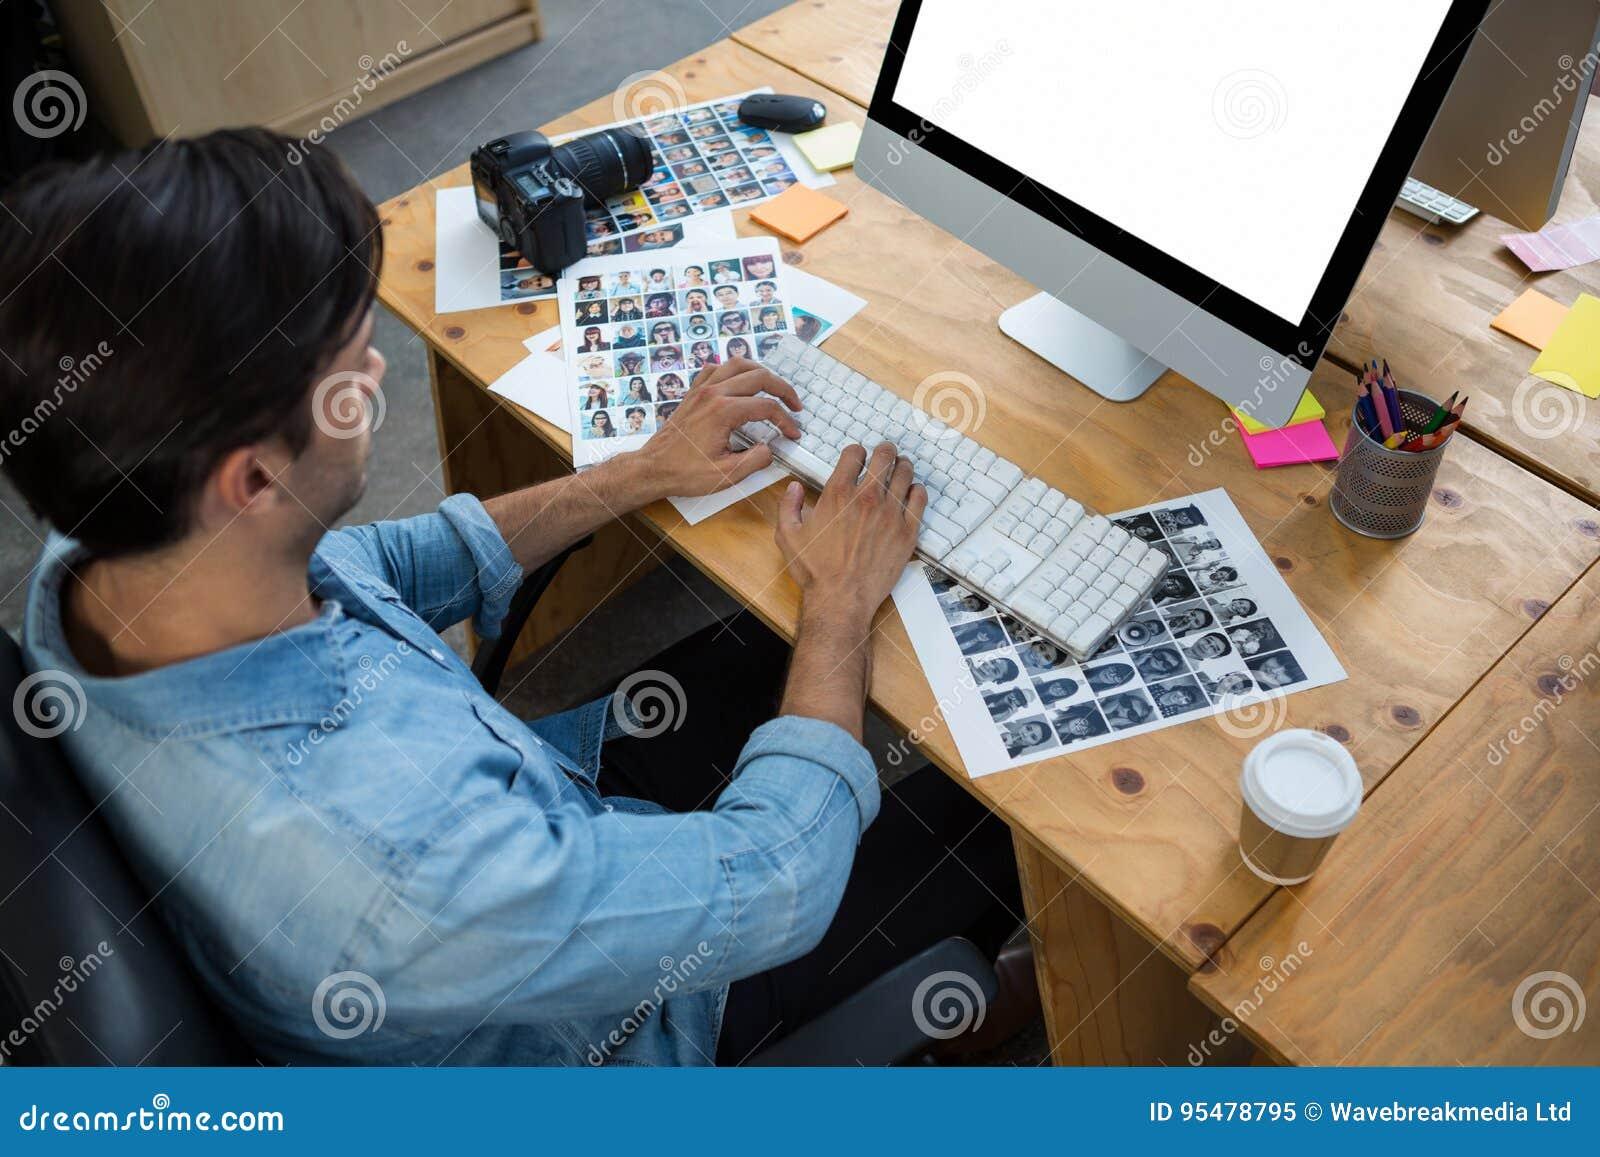 Mężczyzna z fotografiami pracuje na komputerze stacjonarnym